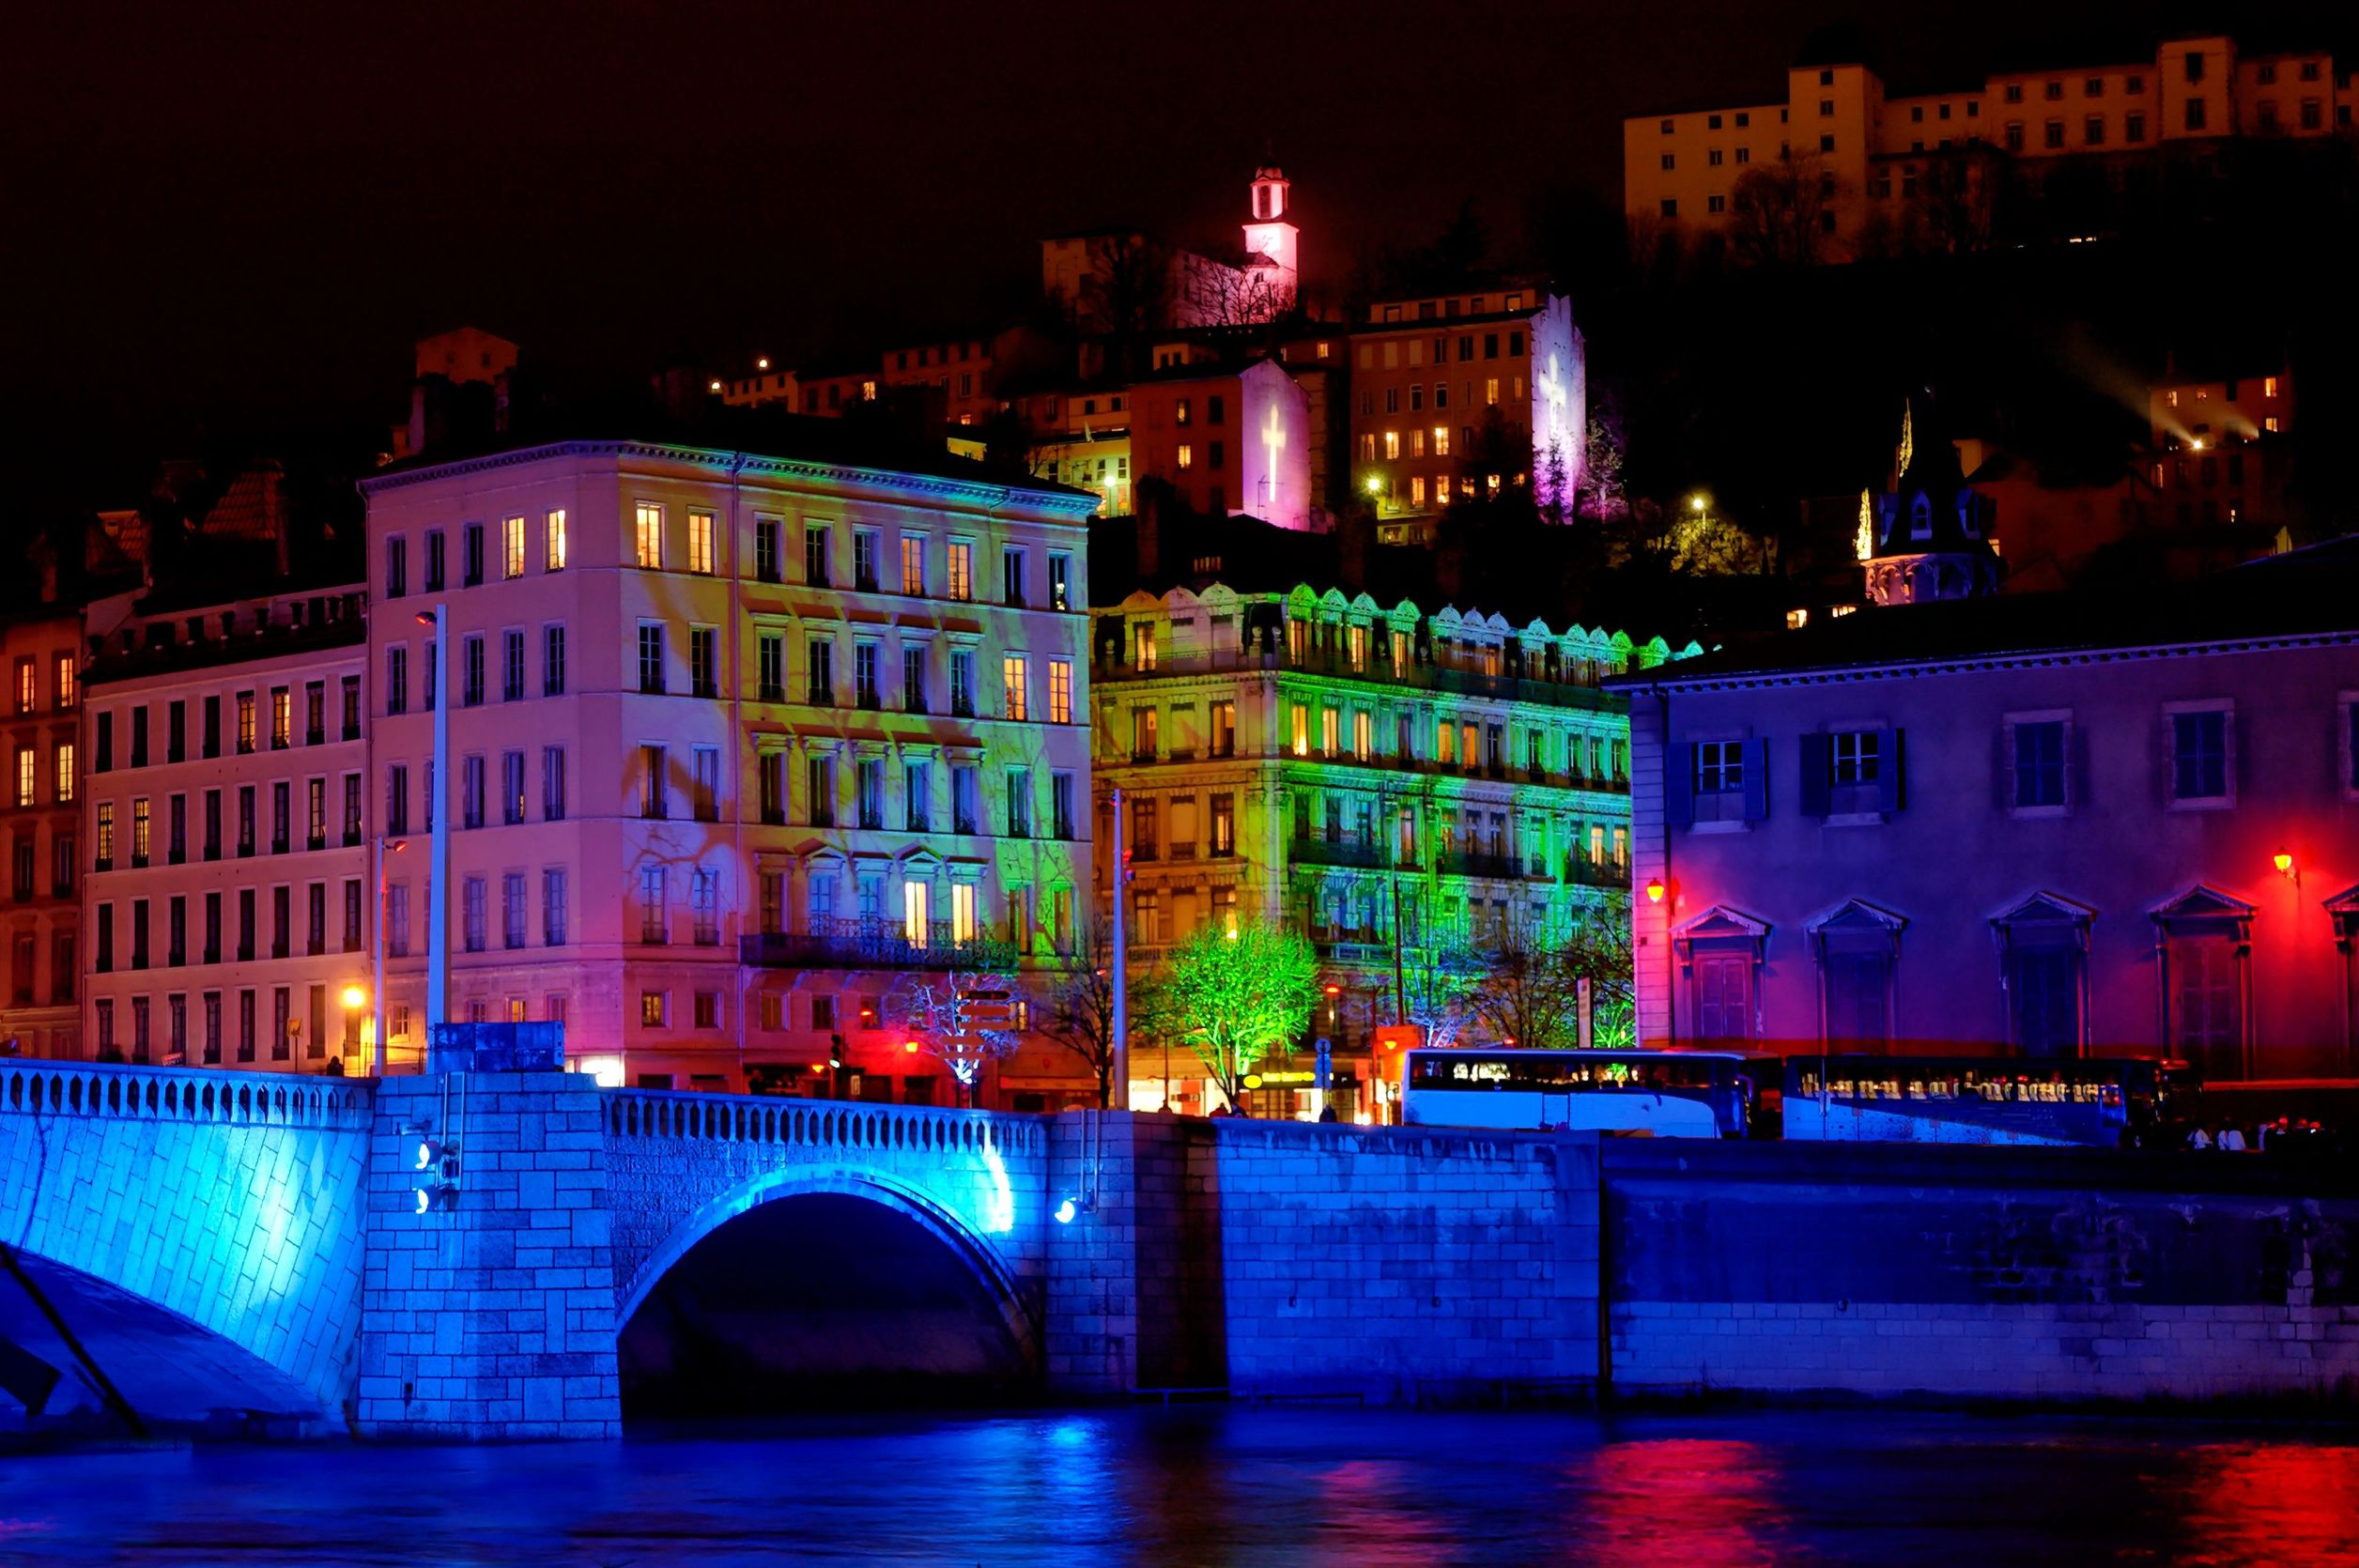 Lyon Festival Of Light - Bonaparte bridge